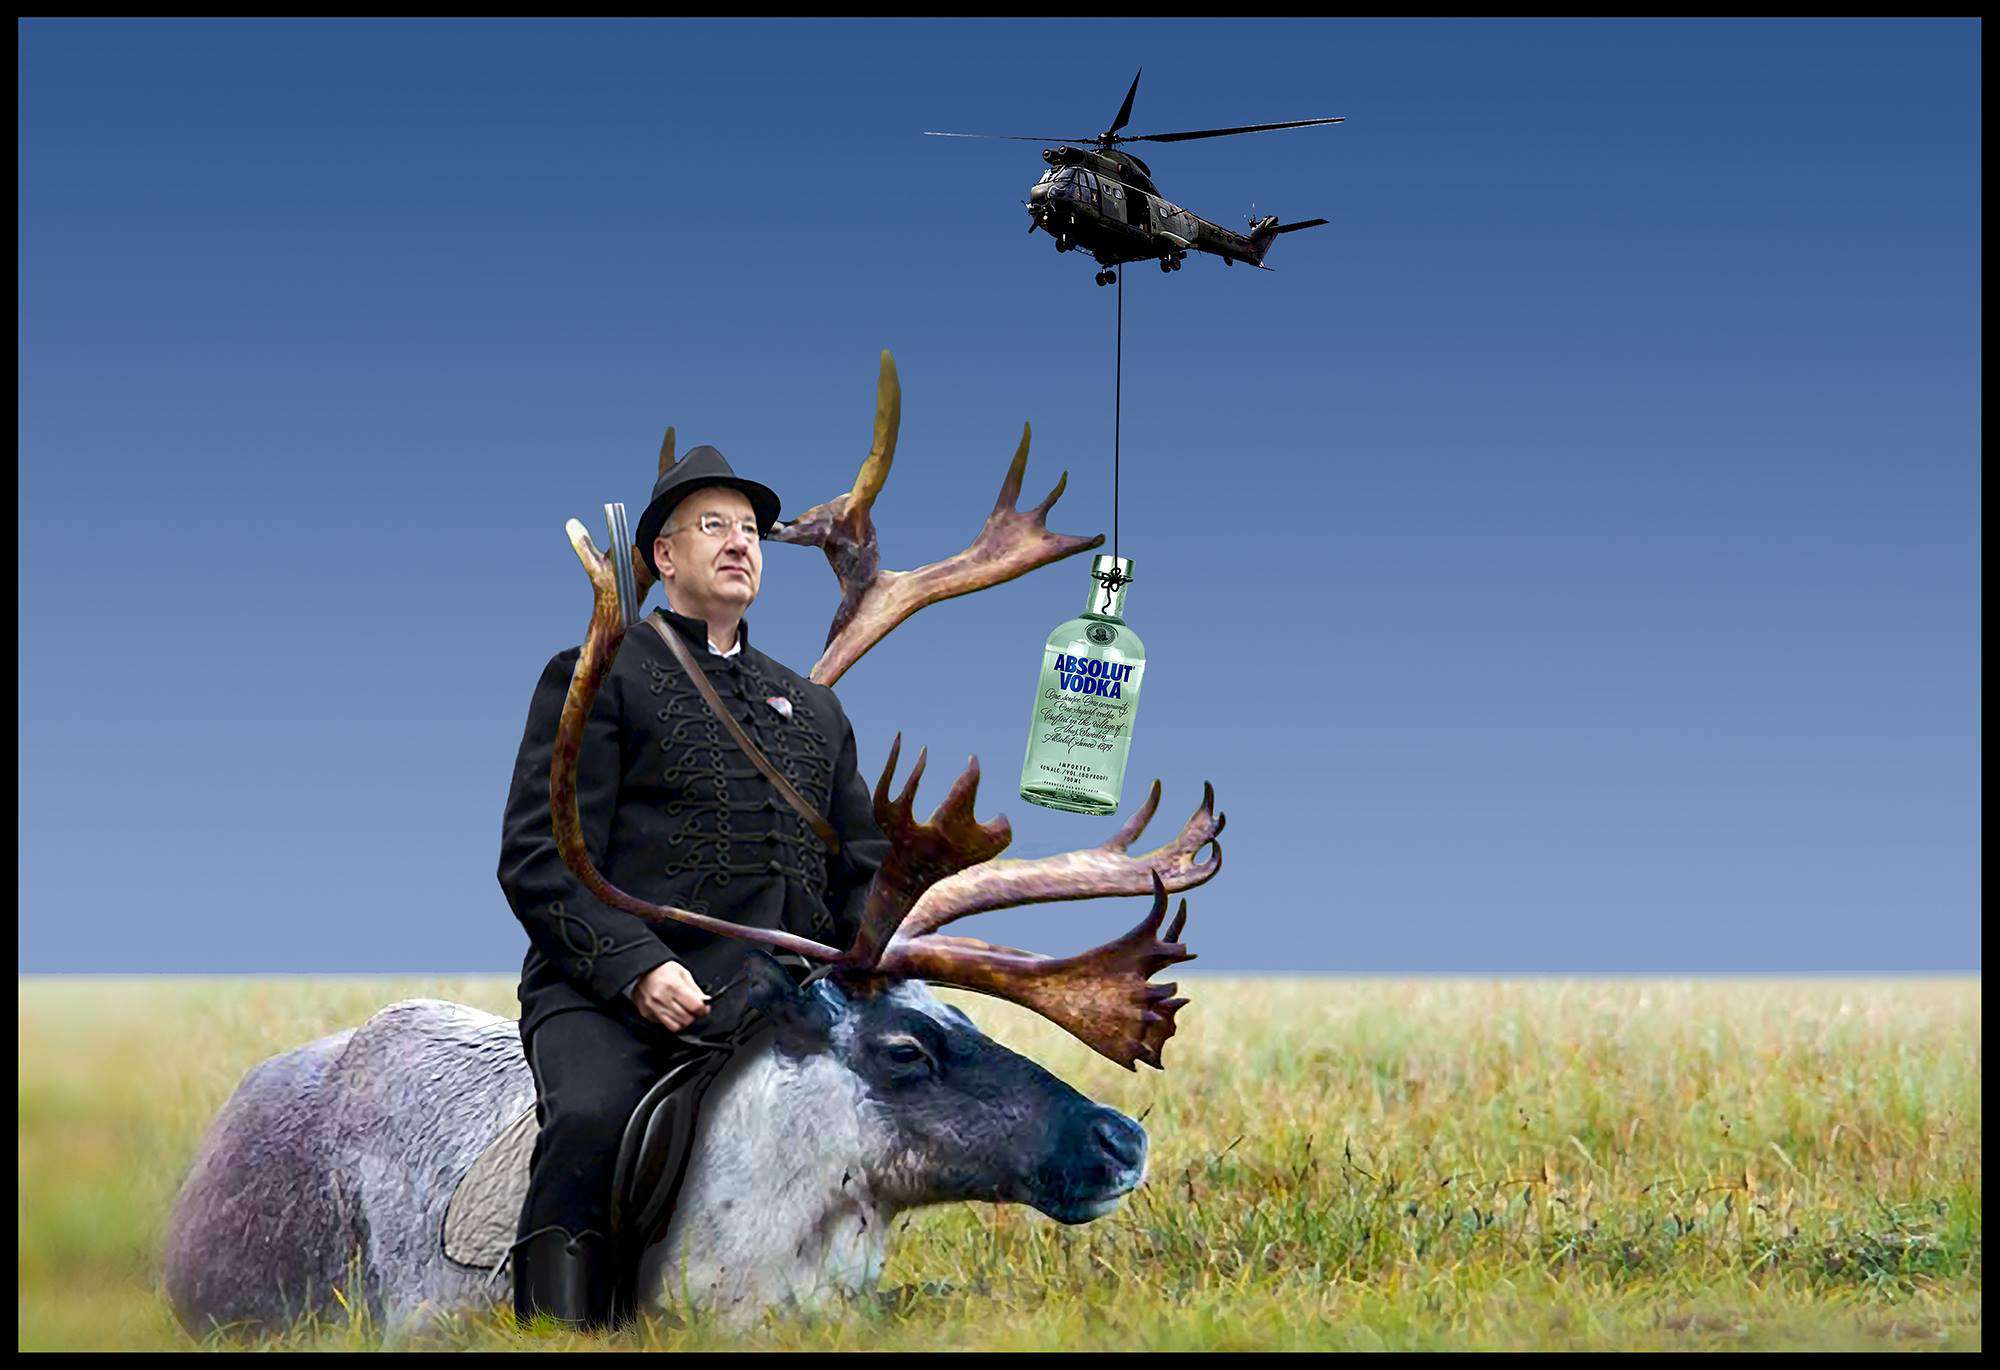 agancsszobor a vadászati világkiállításra